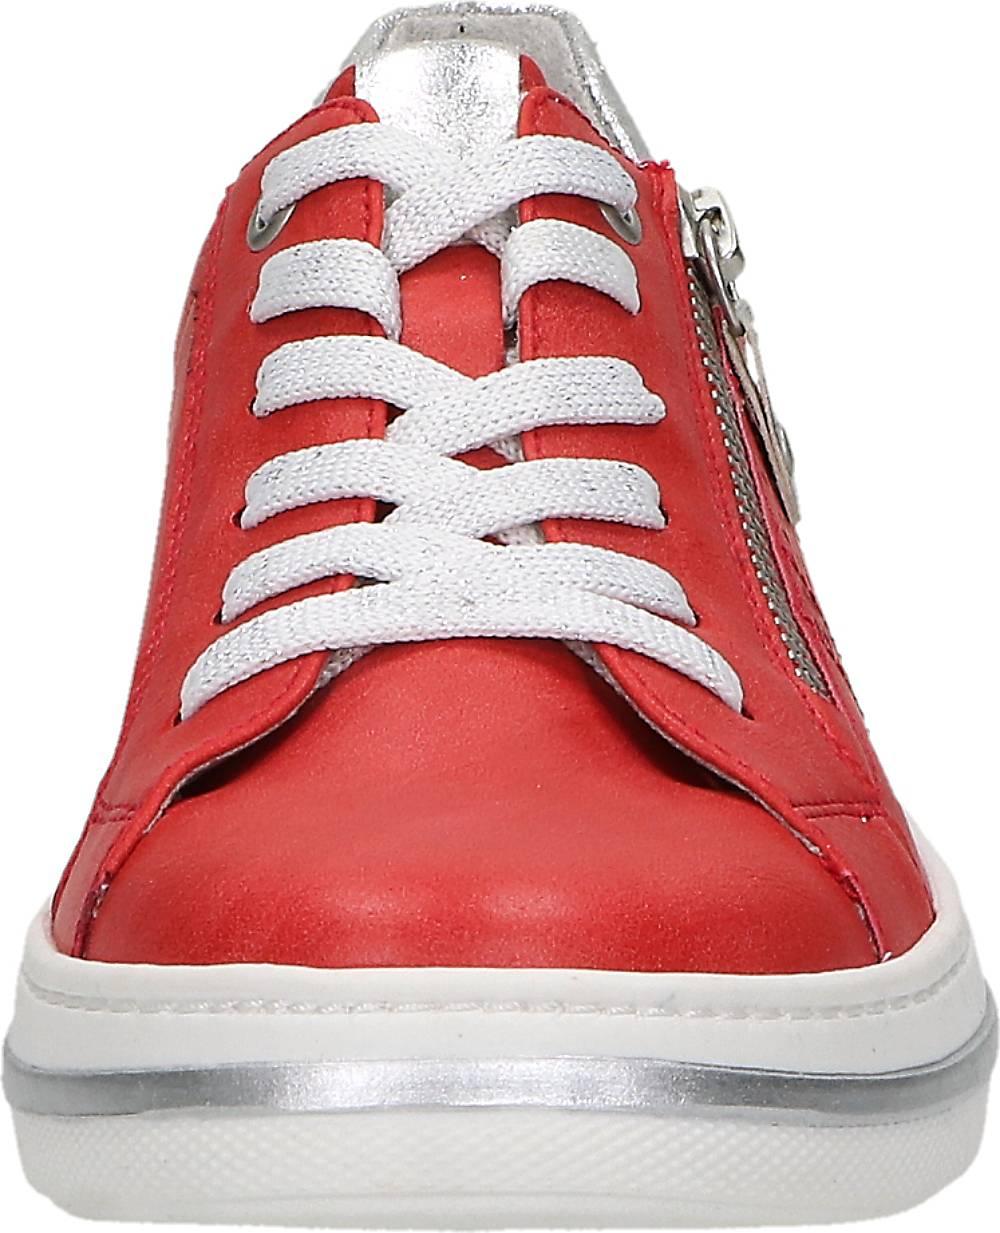 Großer Rabatt Bama Sneaker rot 92134601 sl56 Verkauf